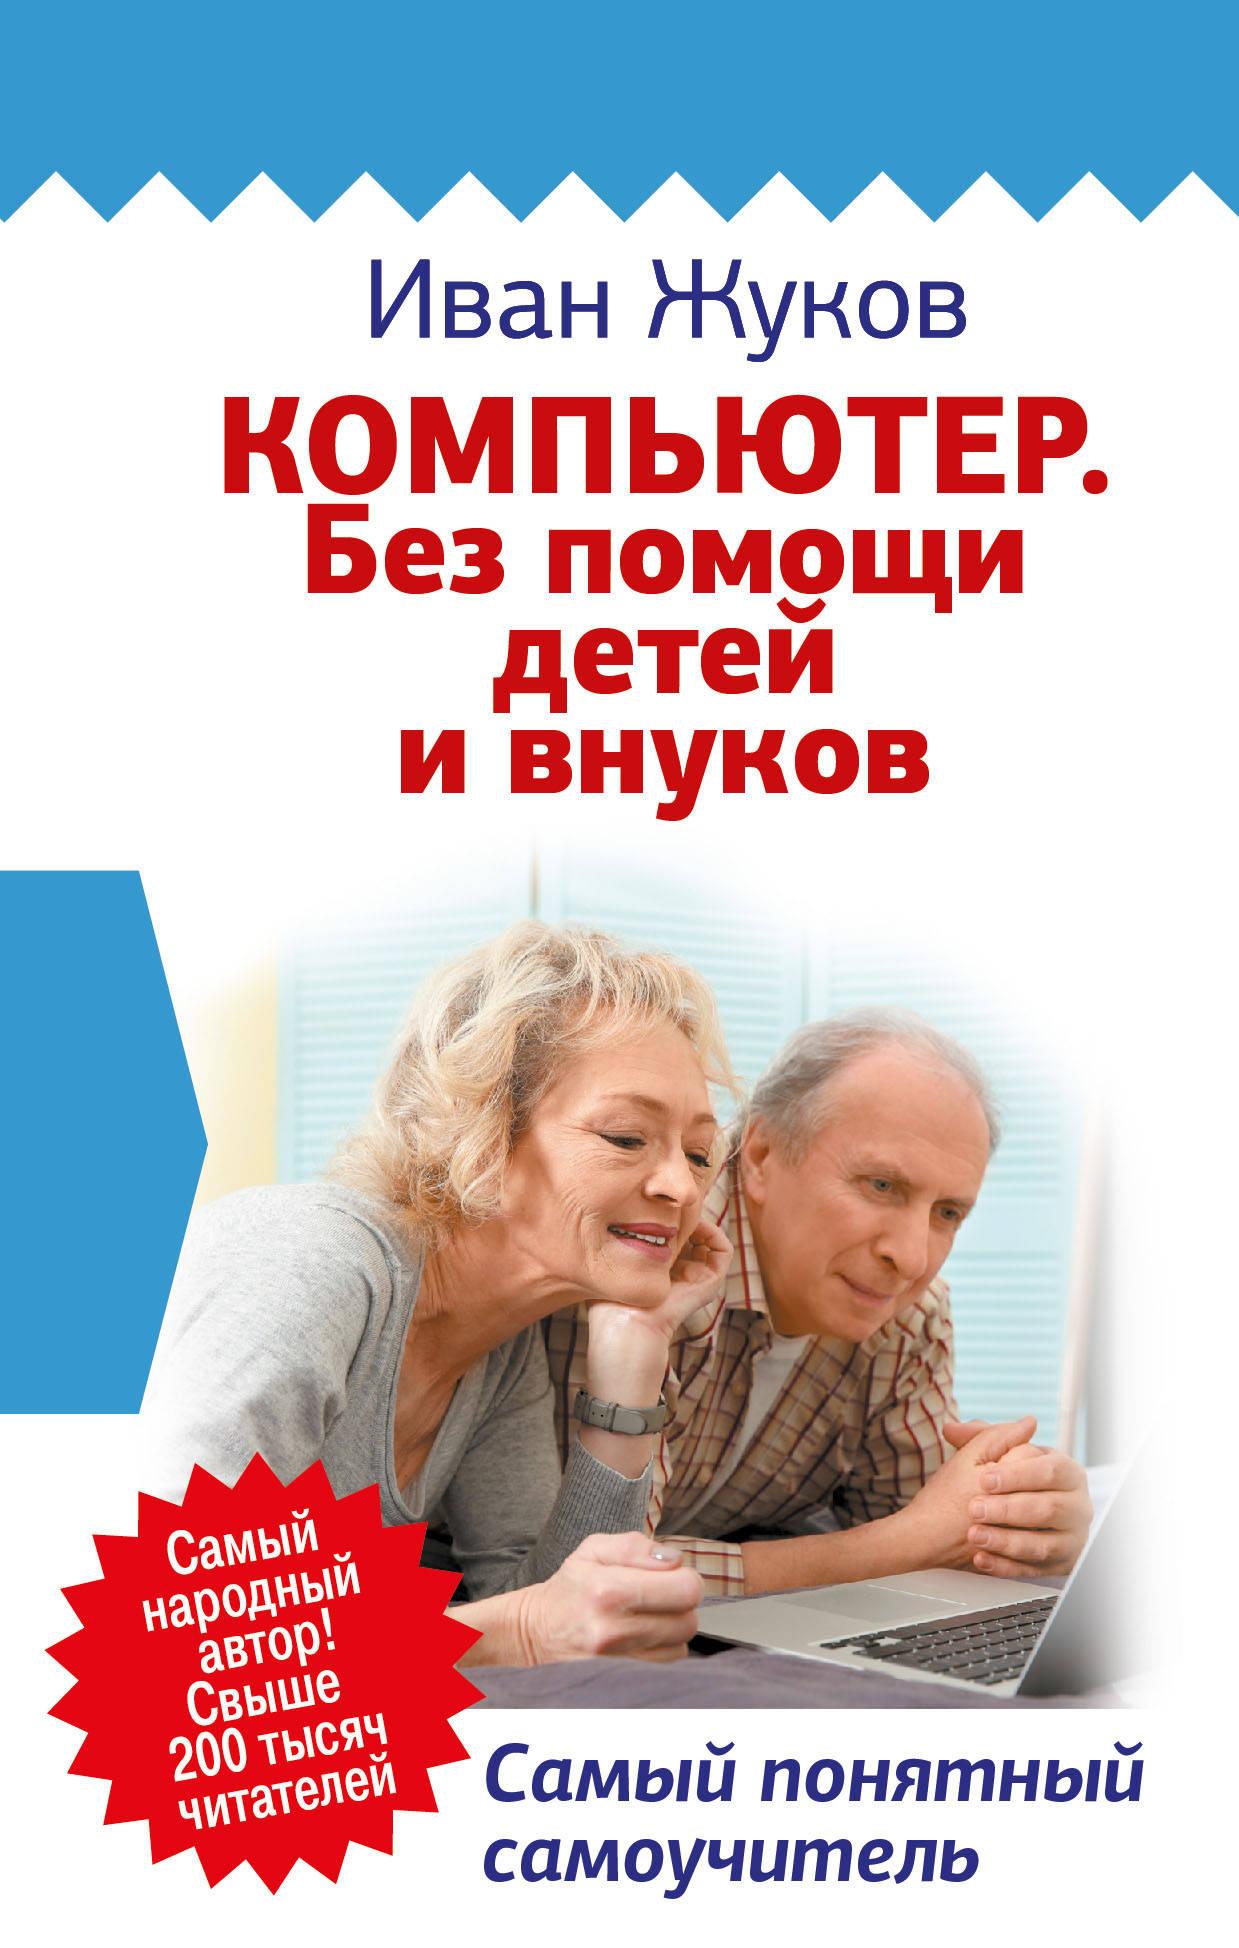 Жуков Иван Компьютер. Без помощи детей и внуков. Самый понятный самоучитель